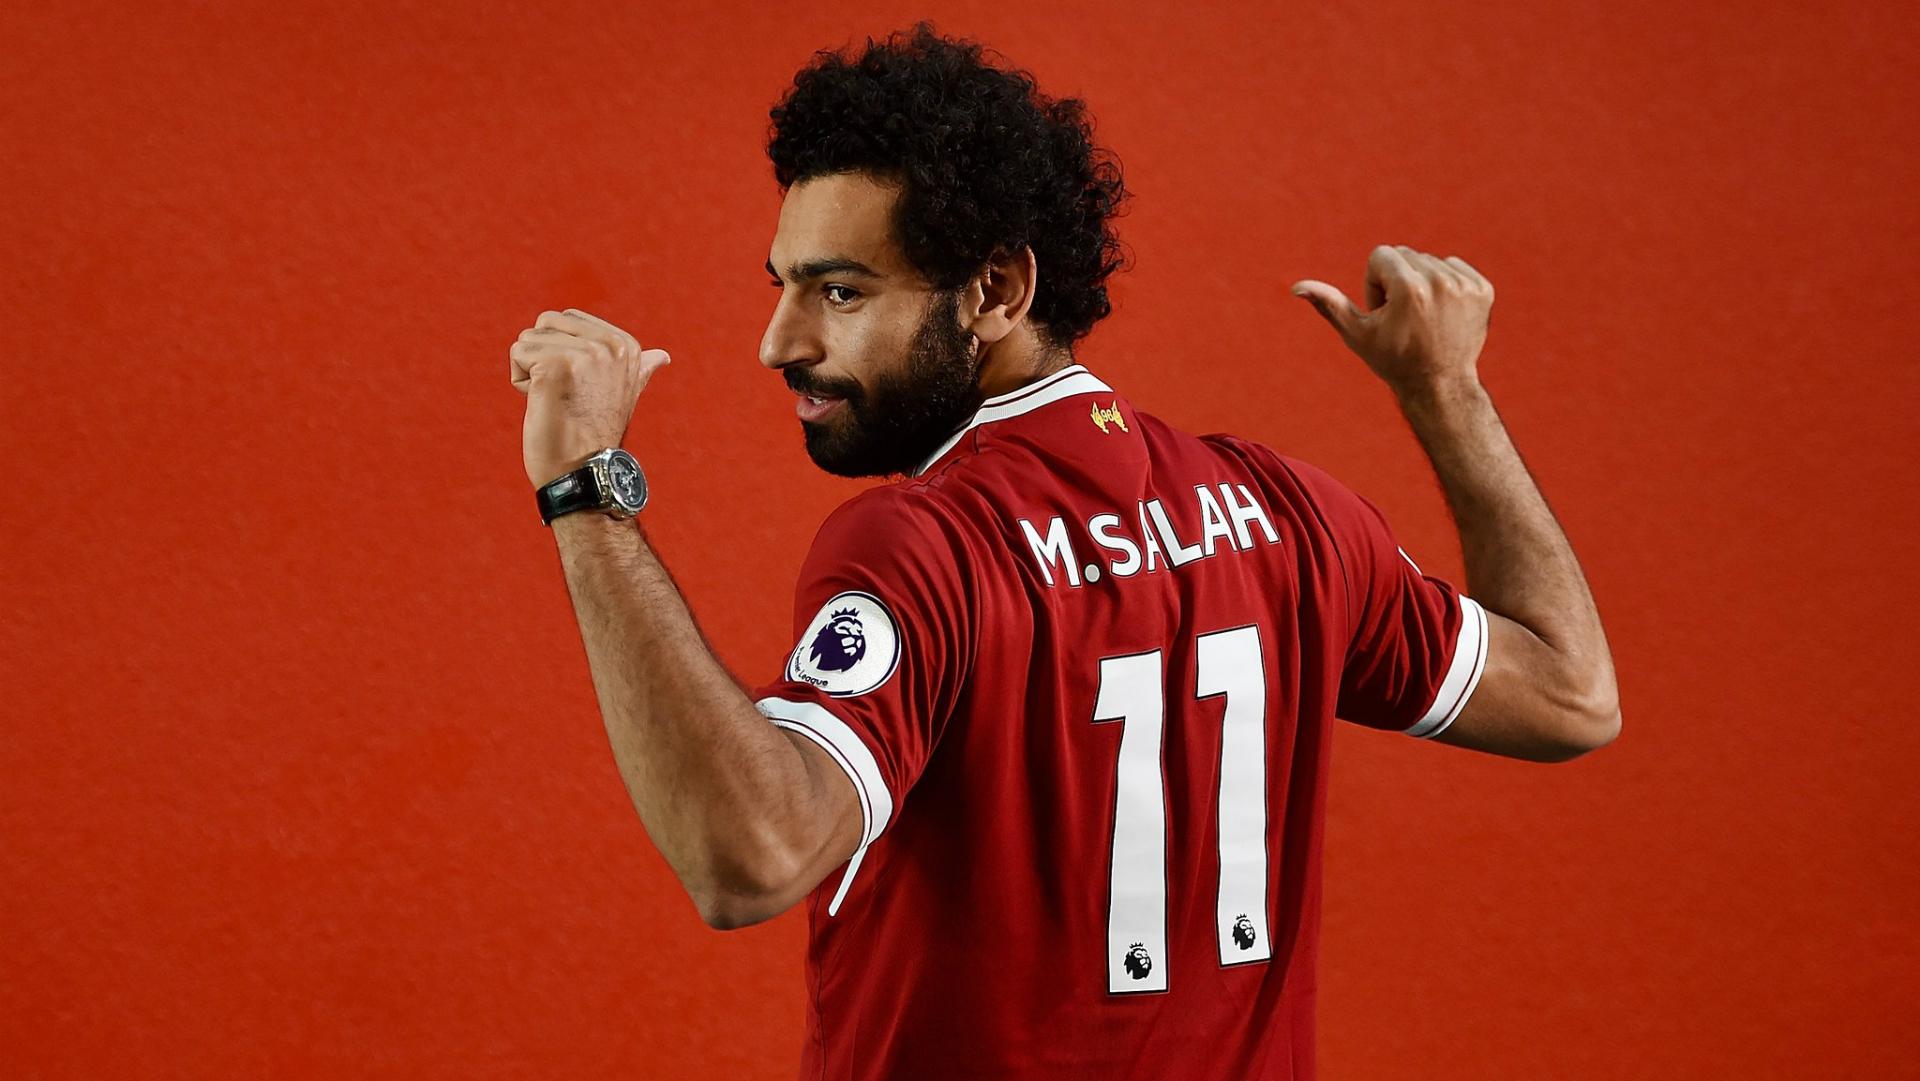 Salah rinnova col Liverpool (a 11 milioni l'anno) e spiega che comandano i calciatori